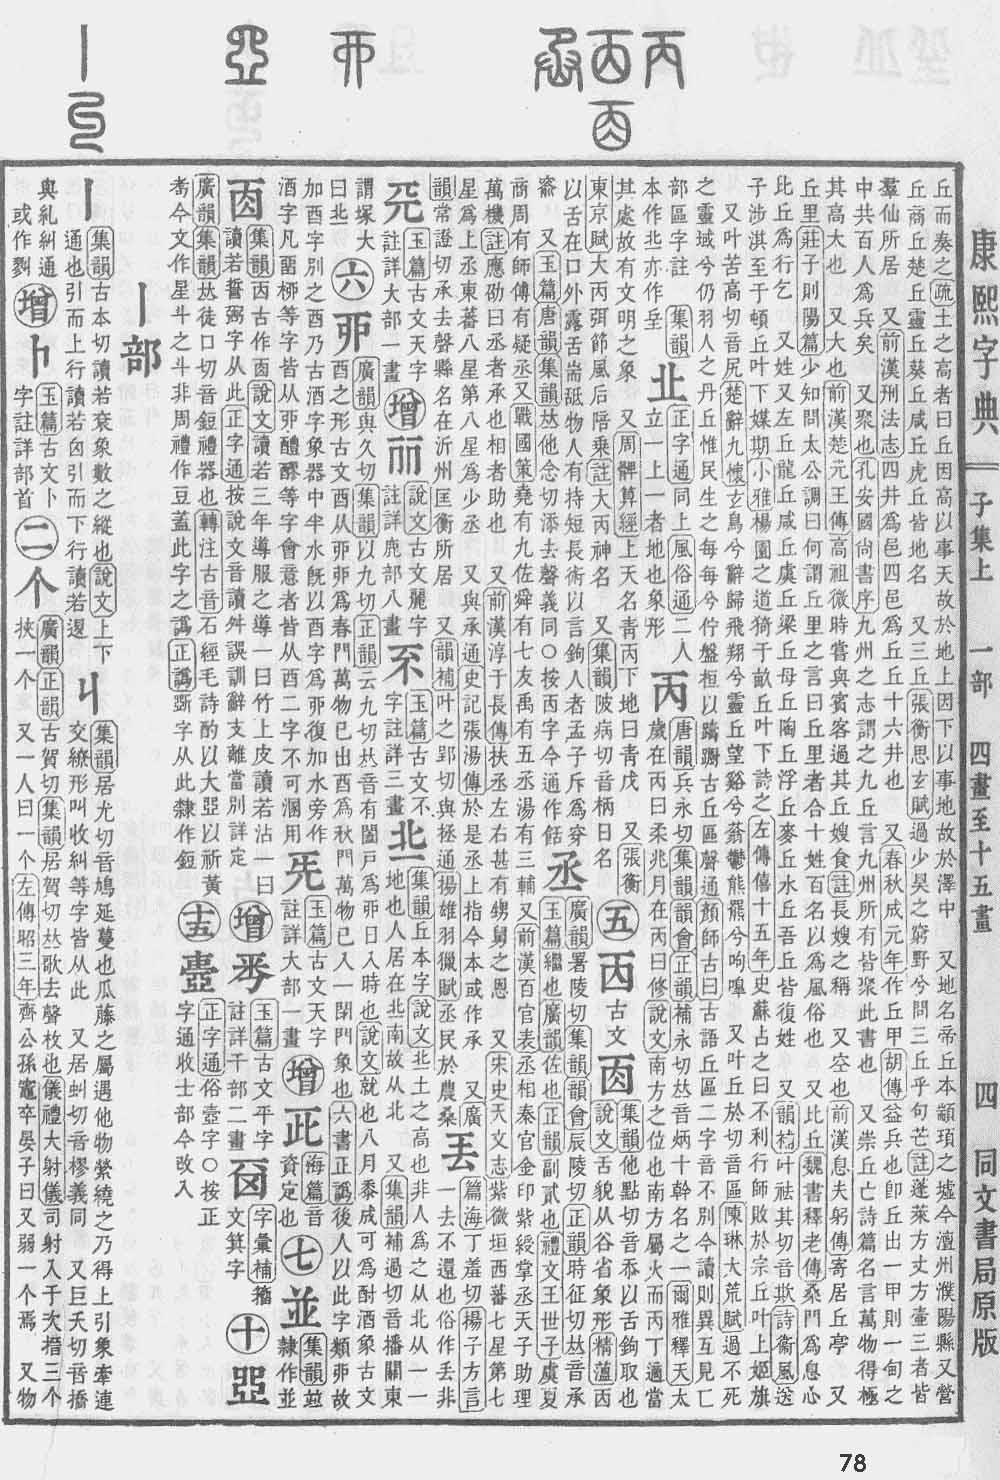 《康熙字典》第78页